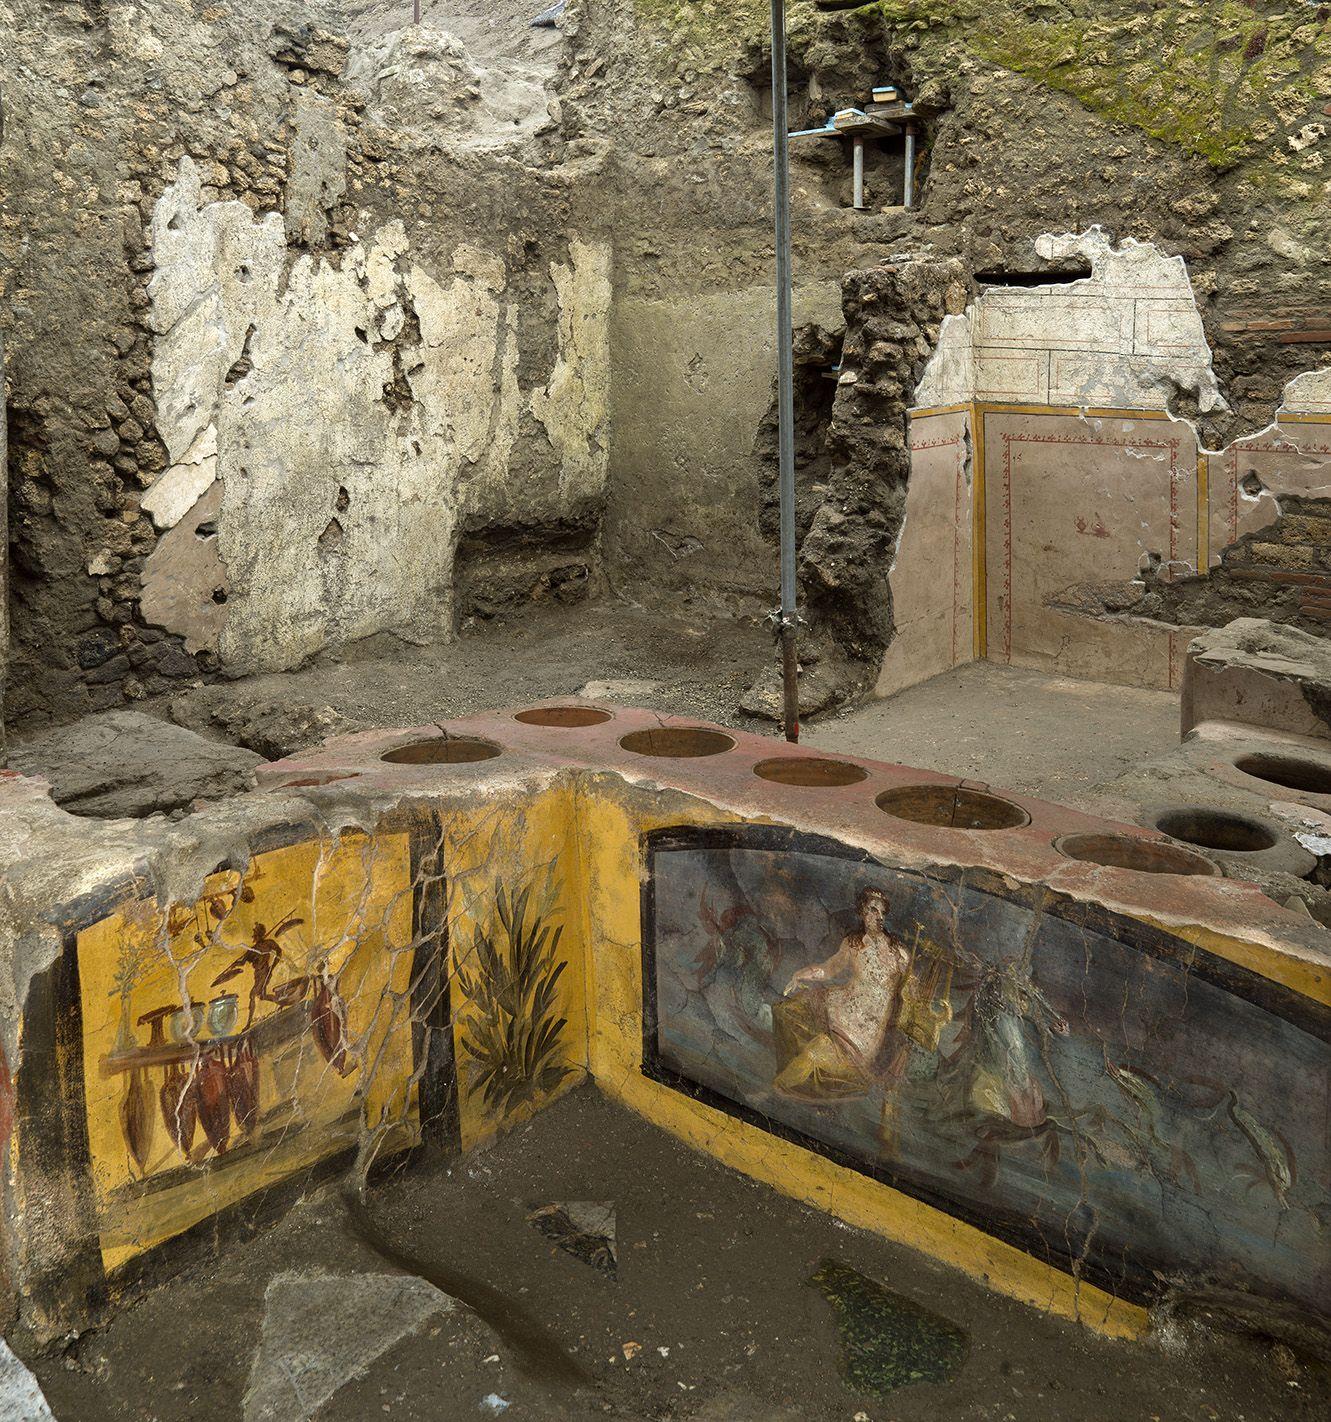 Arkeolog Temukan Kedai Jajanan Kaki Lima Berusia 2.000 Tahun